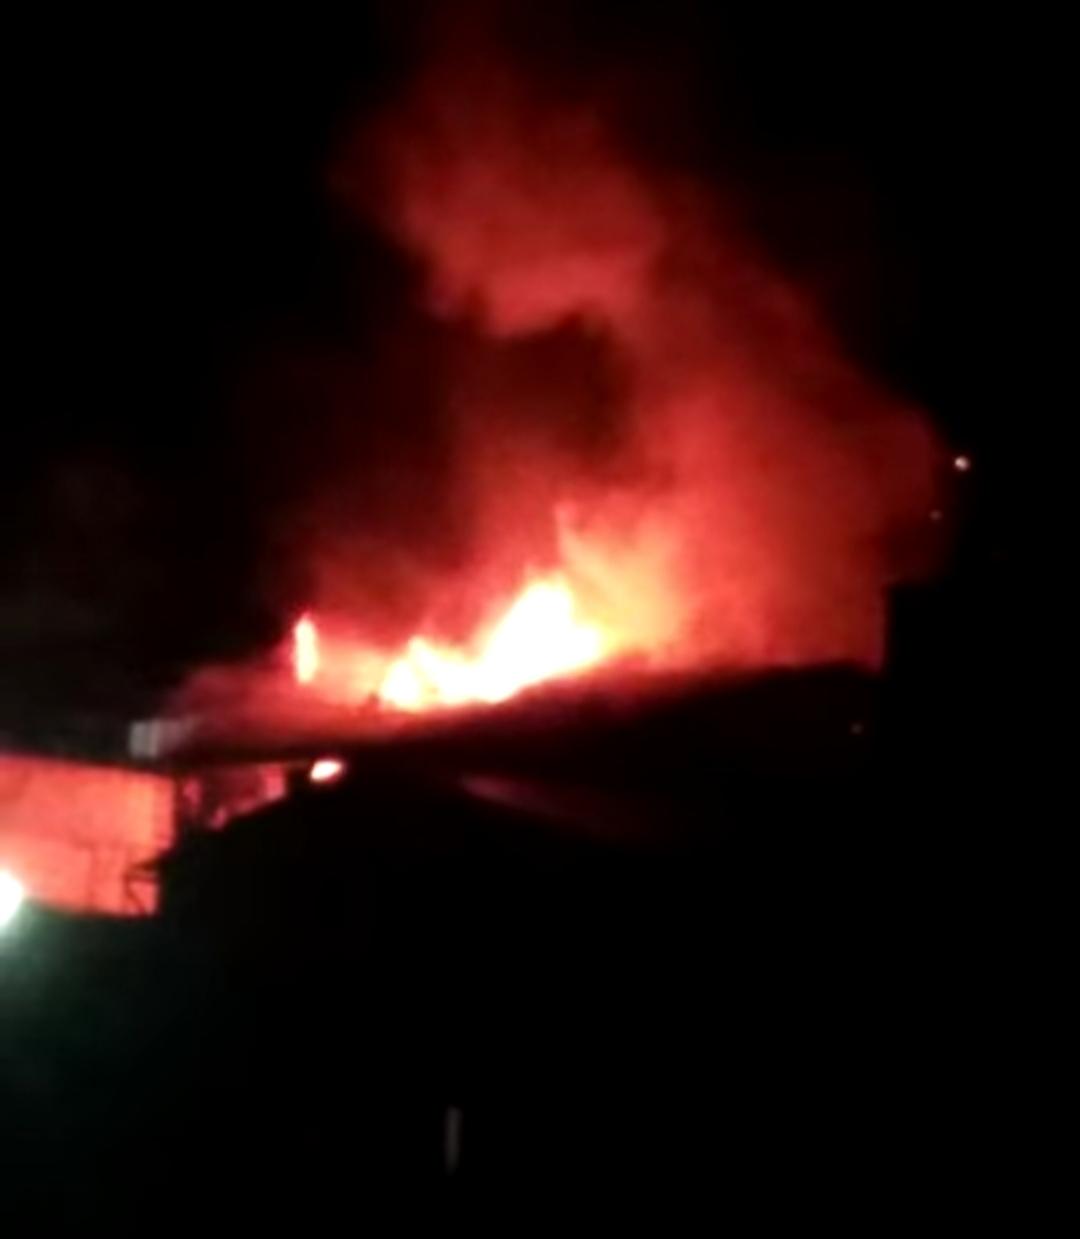 Imagem do incêndio, capturada em vídeo por leitores